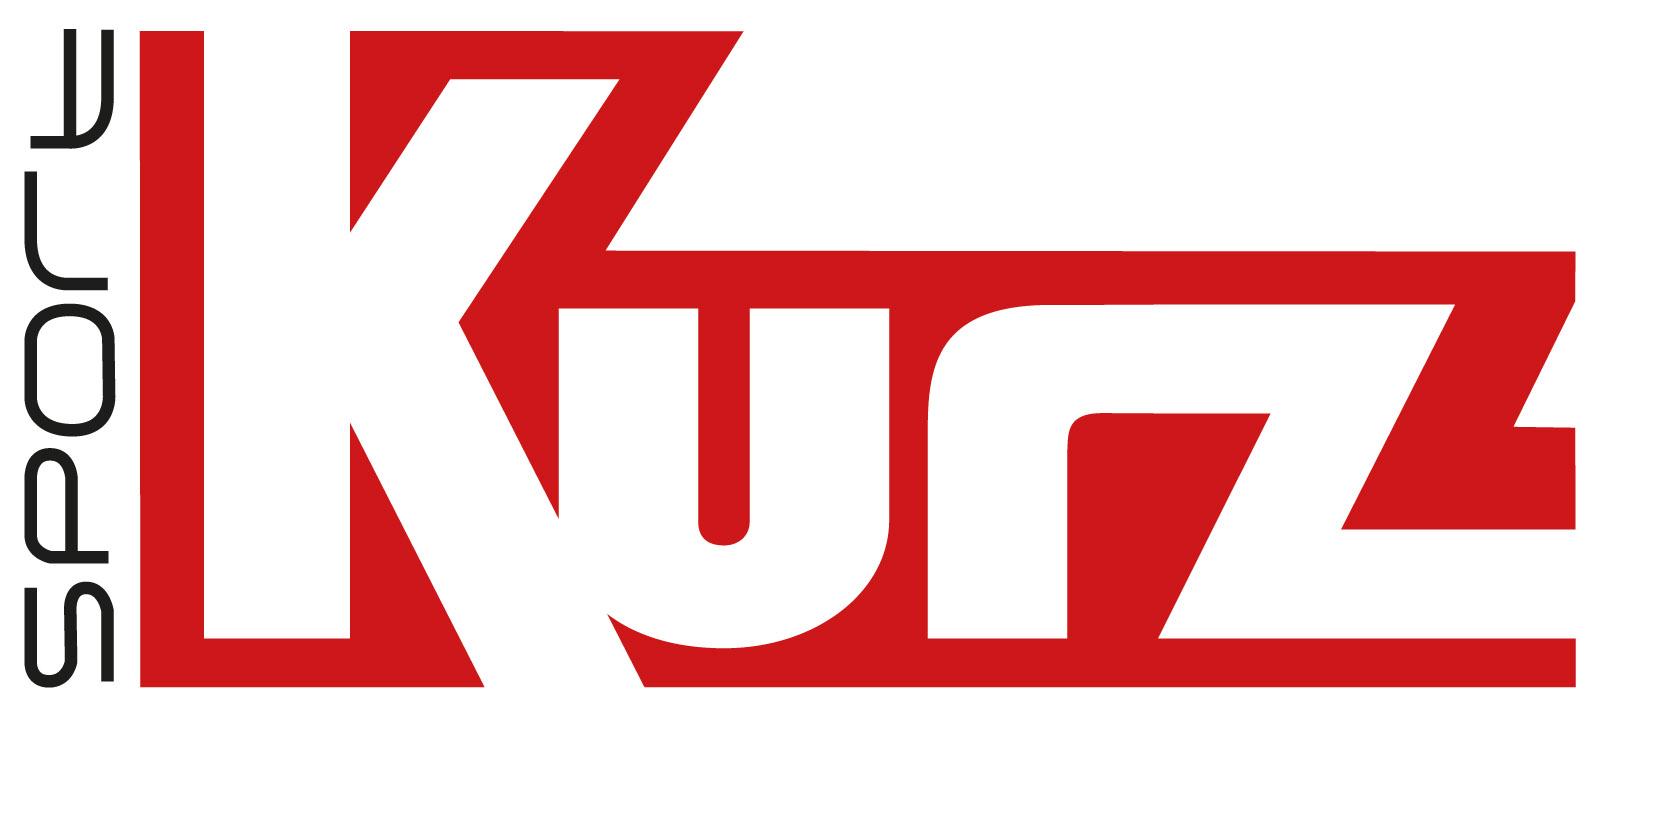 sport kurz logo